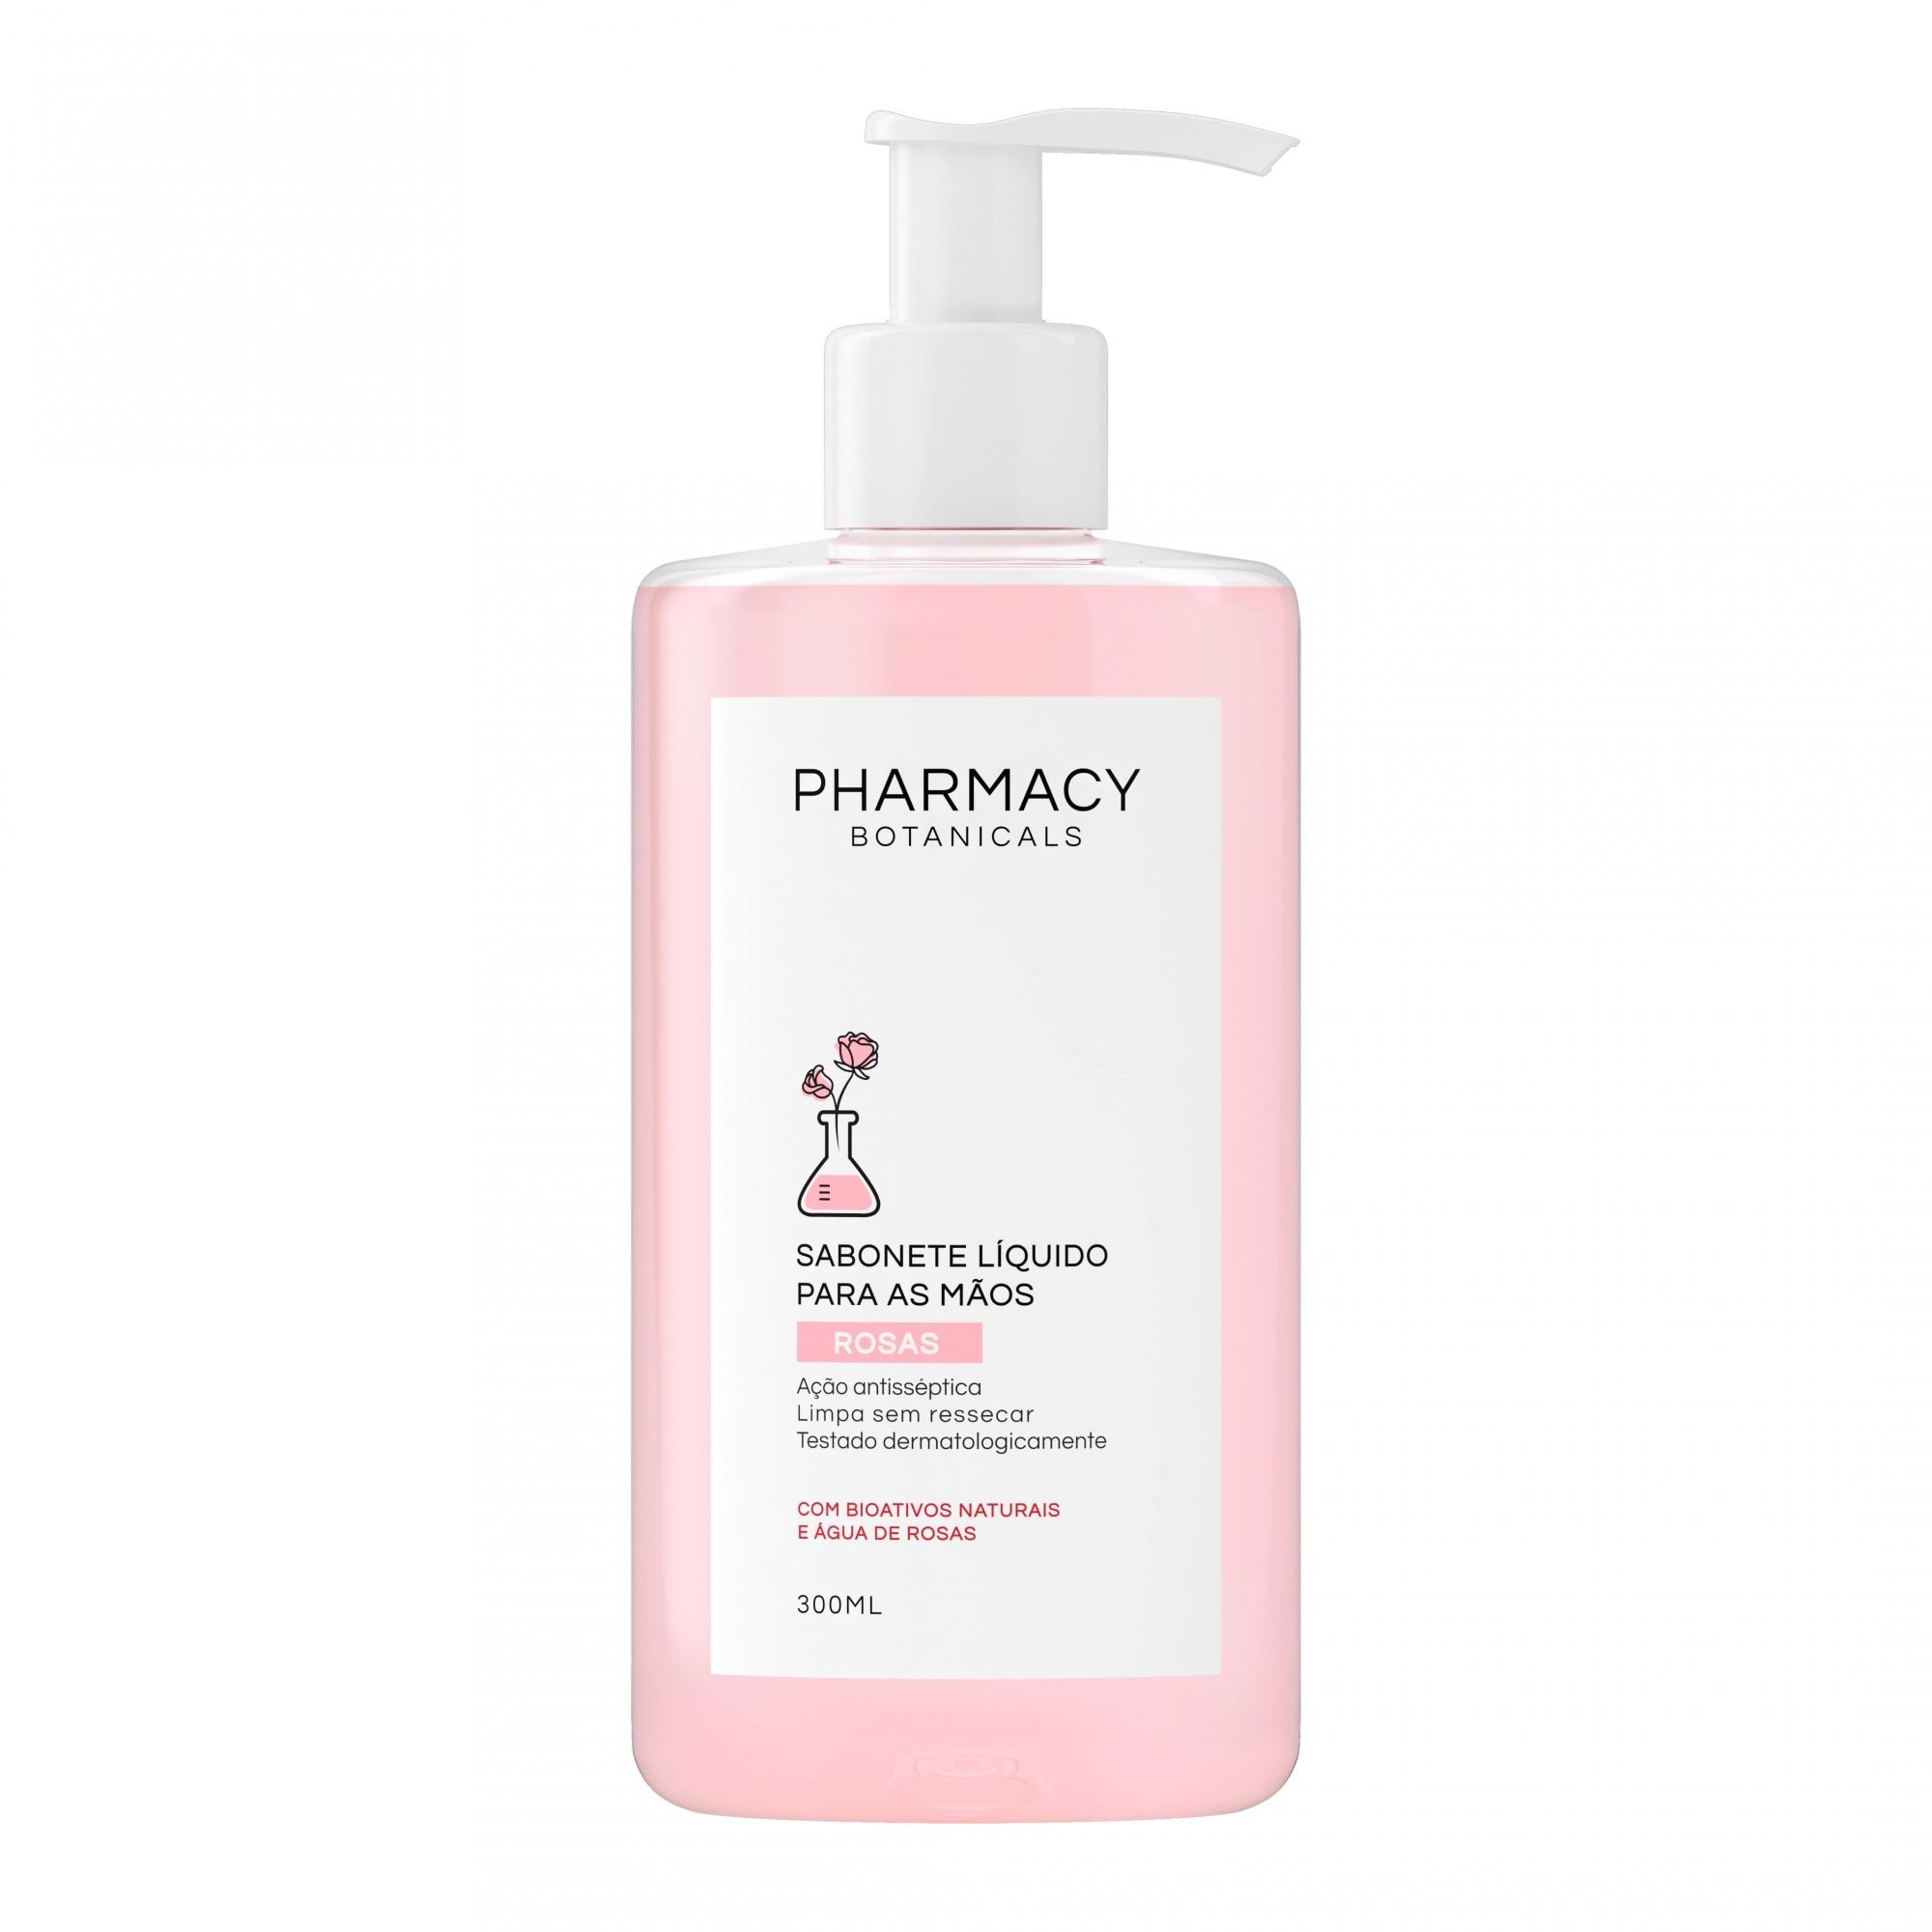 Pharmacy Botanicals Rosas Sabonete Líquido para mãos Antisséptico 300ml